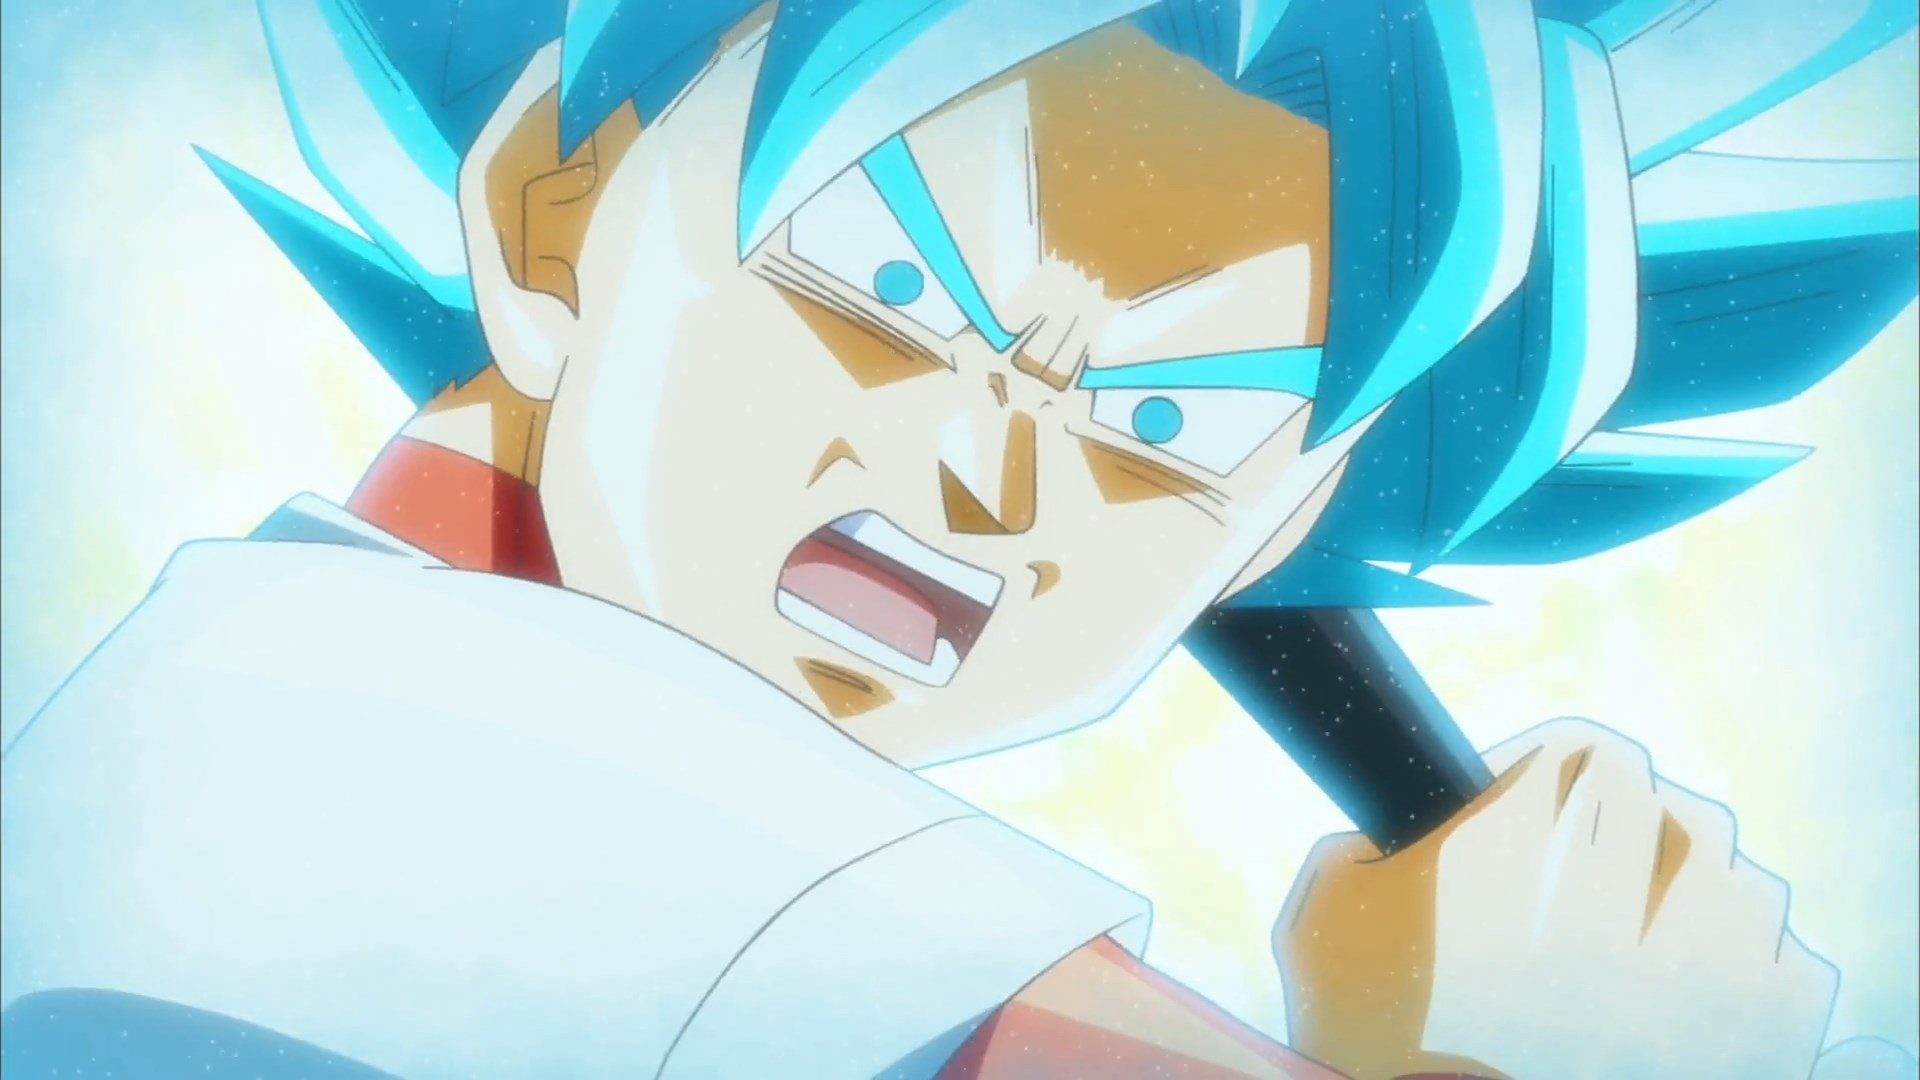 [DS] Dragon Ball Super 070 [1080p].mkv_snapshot_15.28_[2016.12.11_03.51.34]